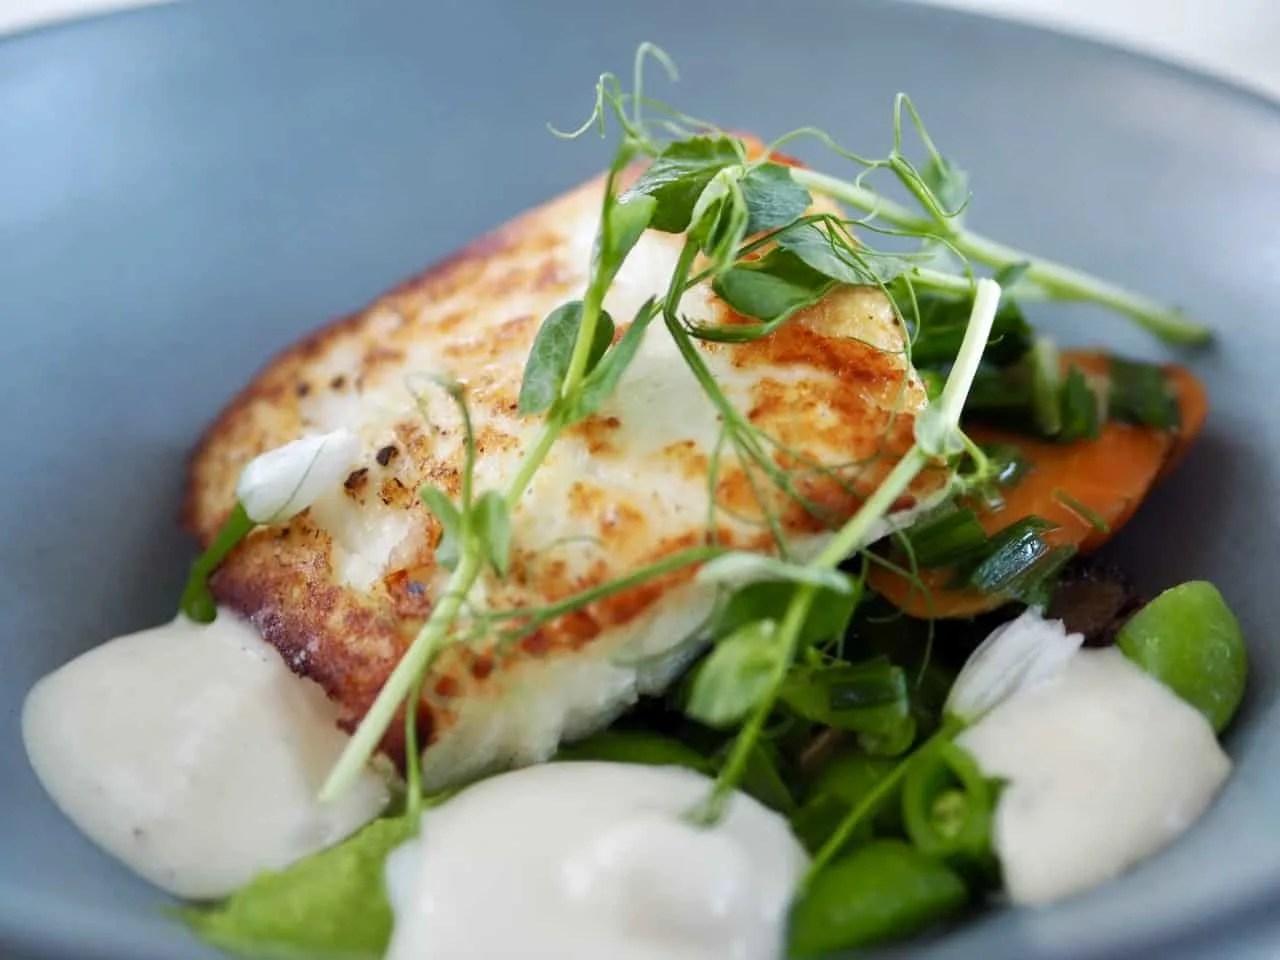 Hermosa Inn seafood